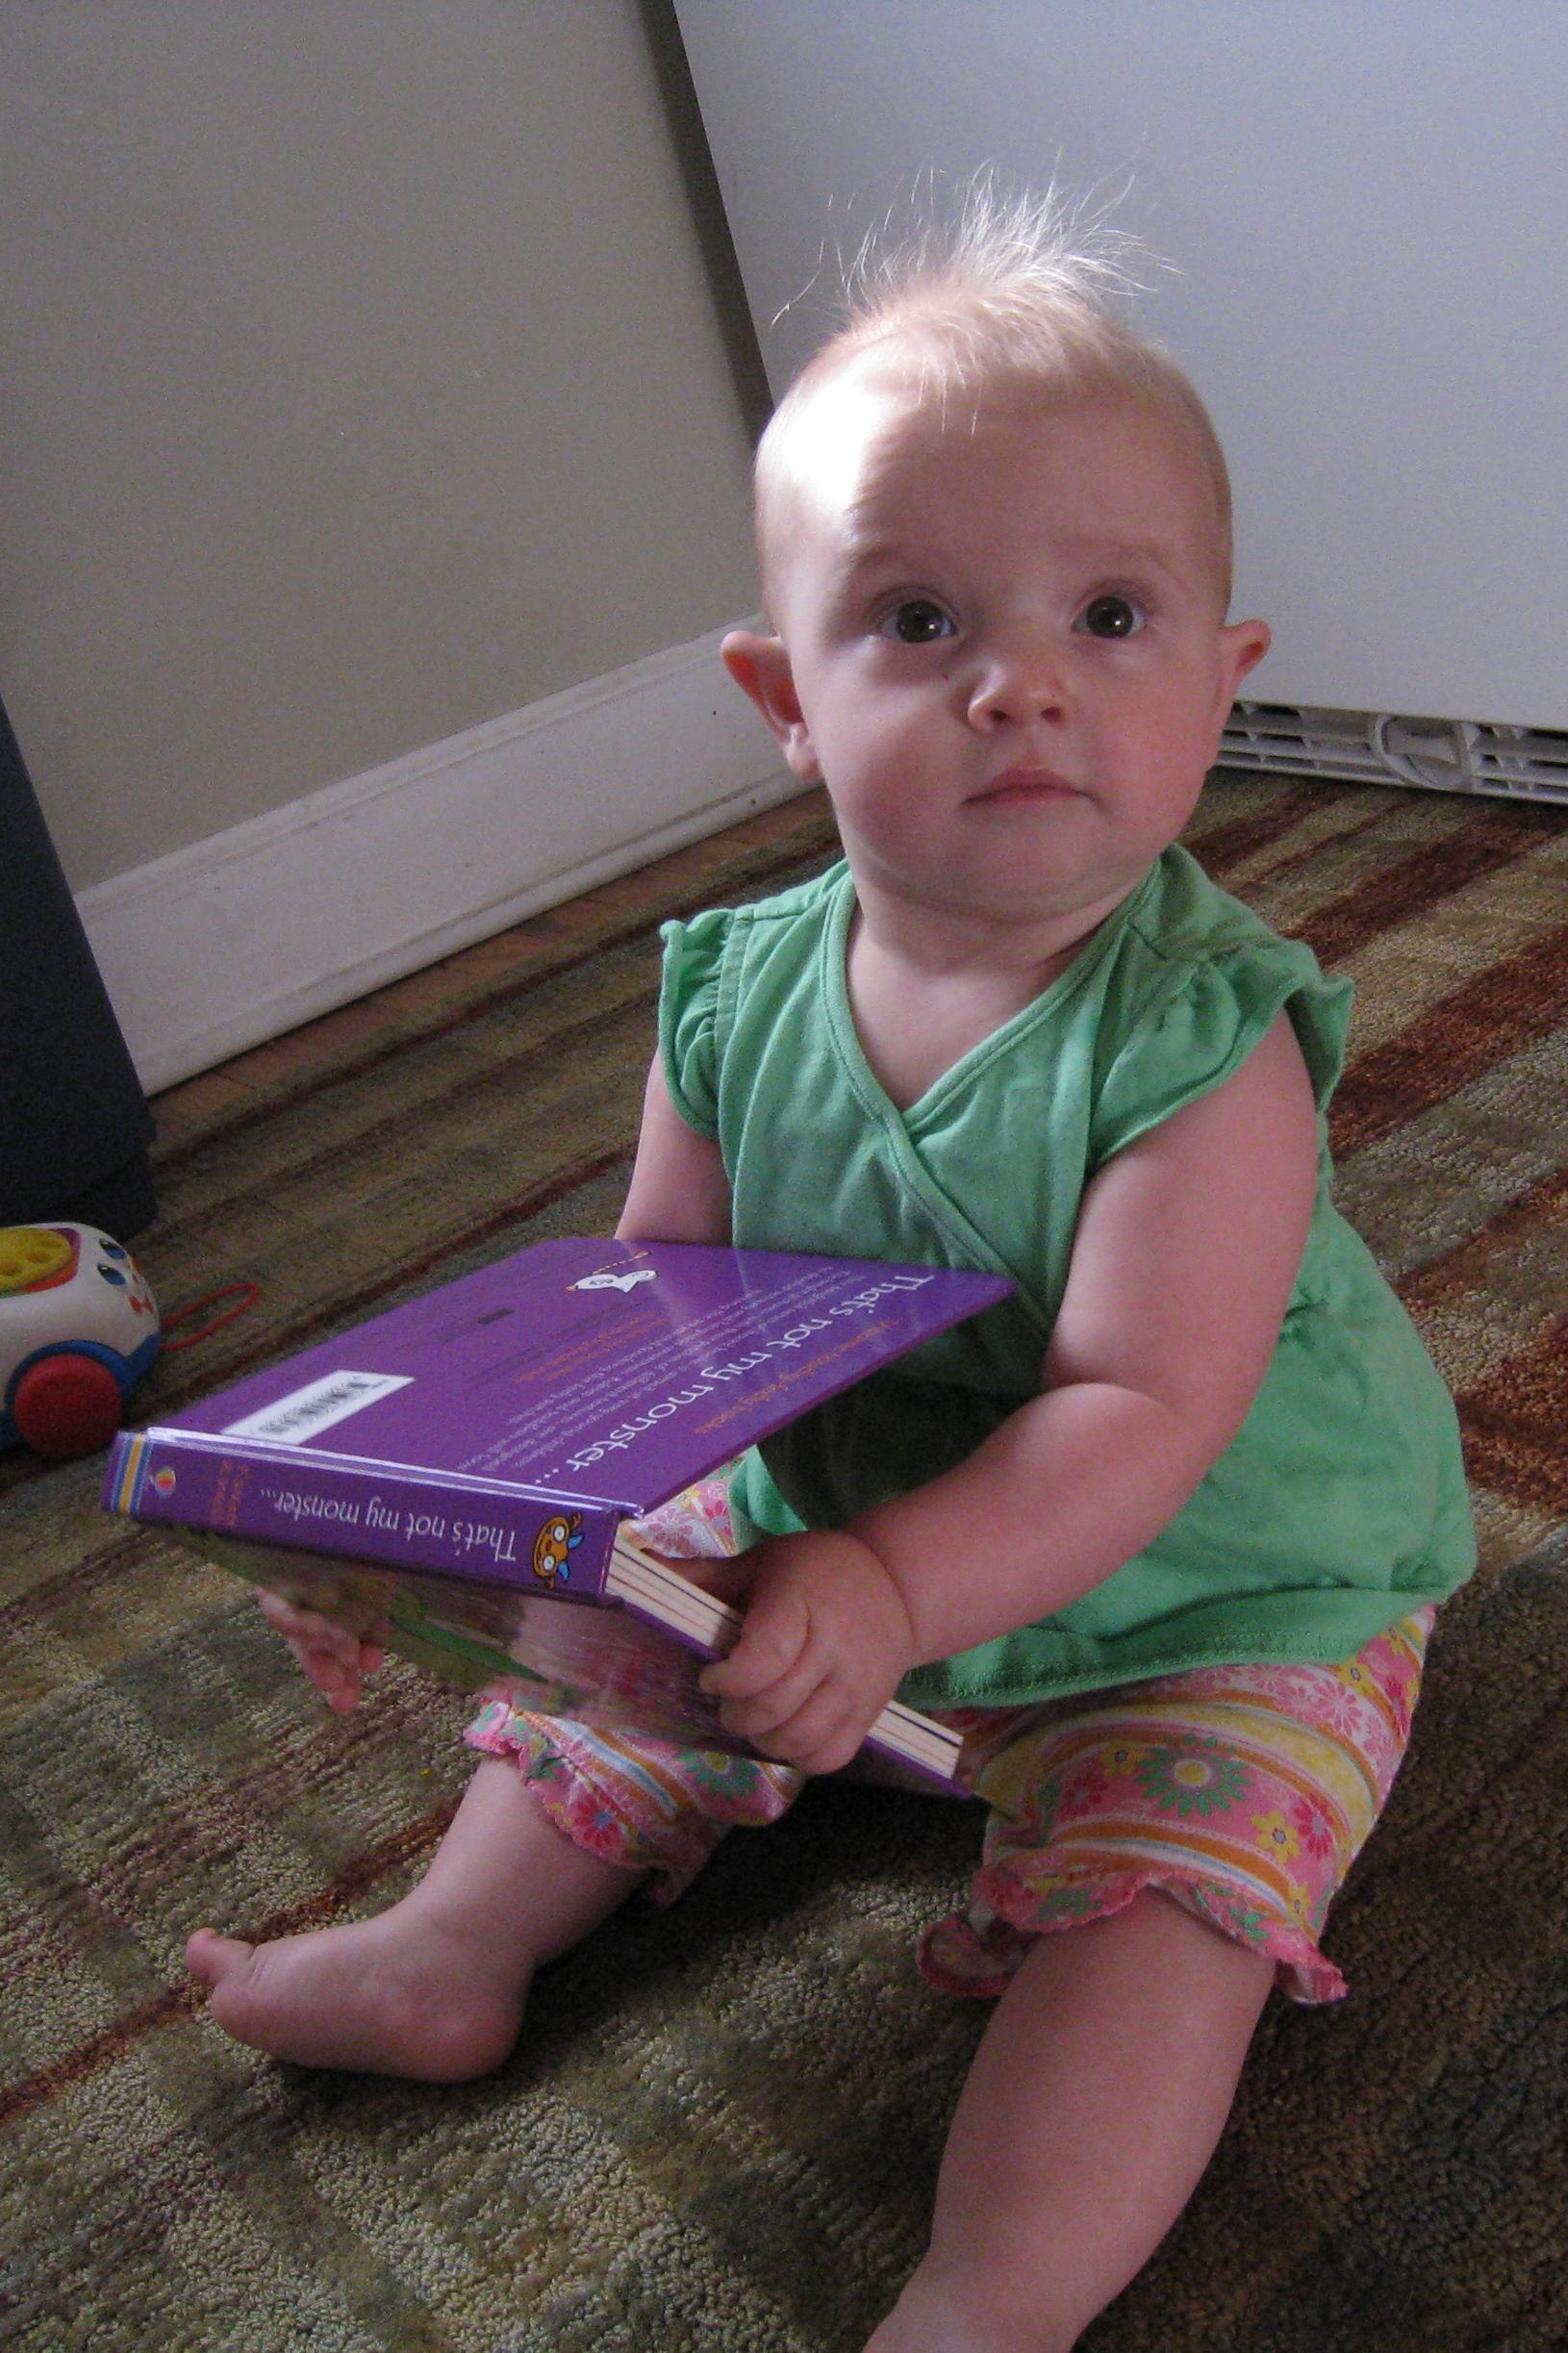 4x6 kivrin reading monster book